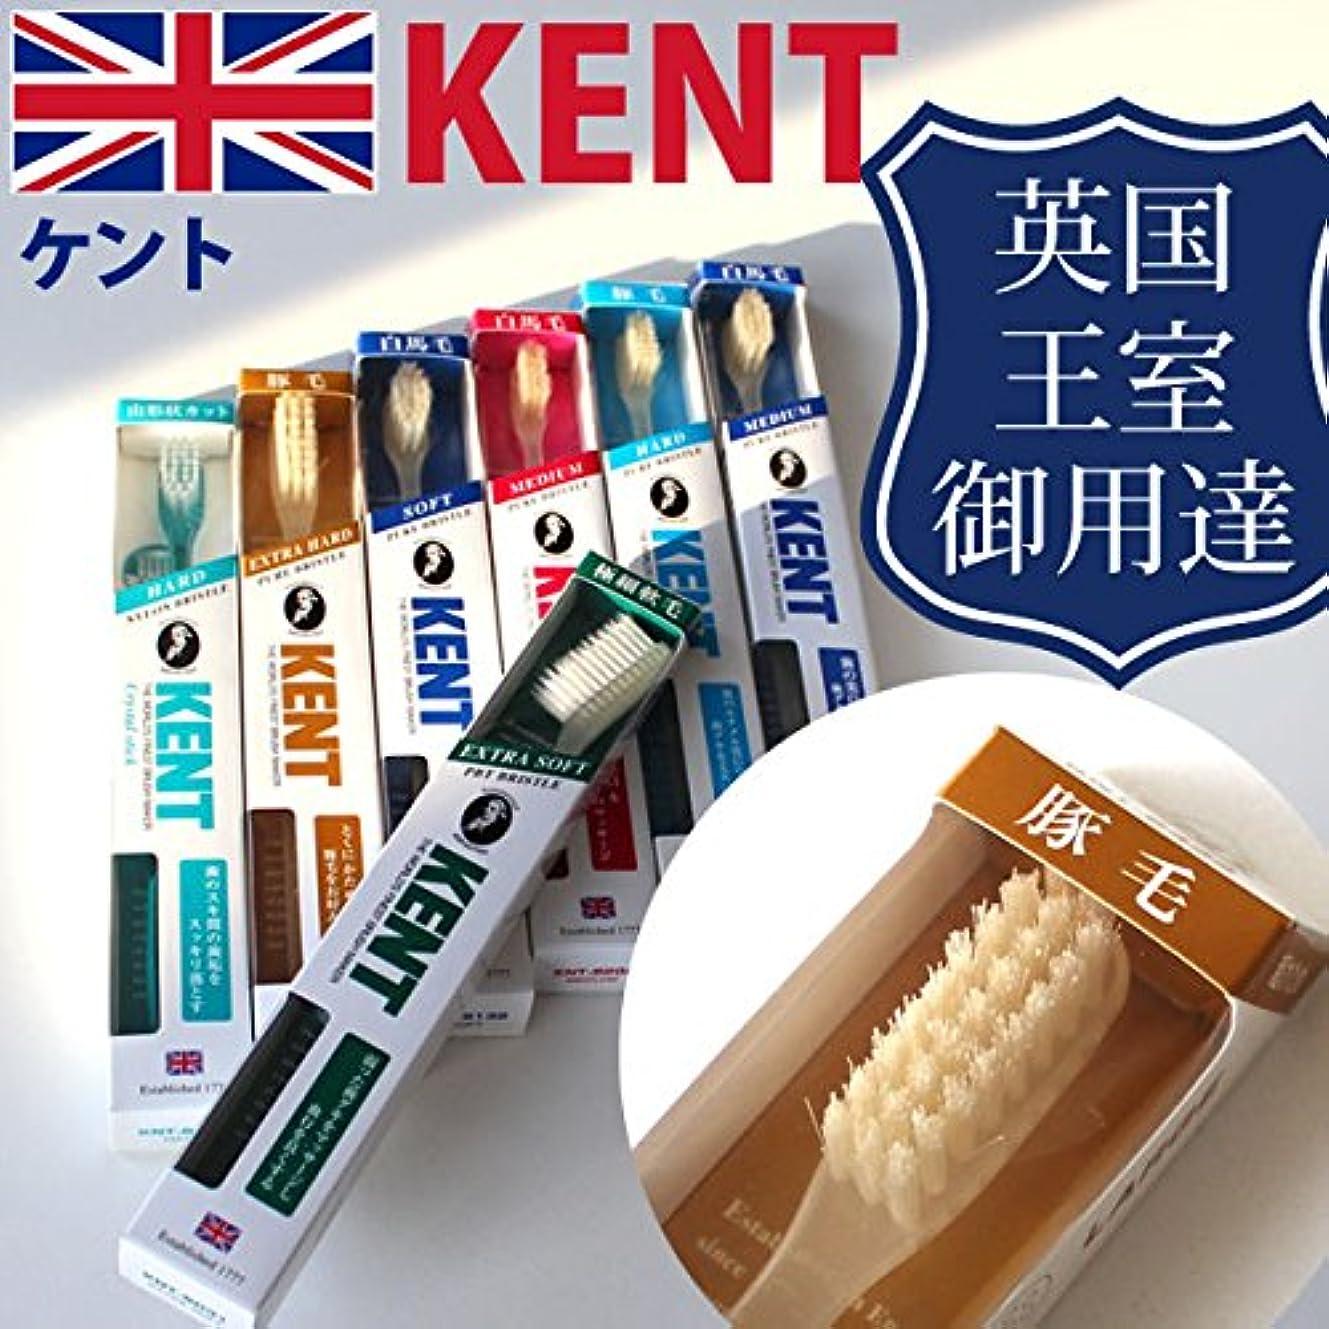 年金受給者再集計赤道ケント KENT 豚毛 コンパクト 歯ブラシKNT-9233/9833単品108 ふつう